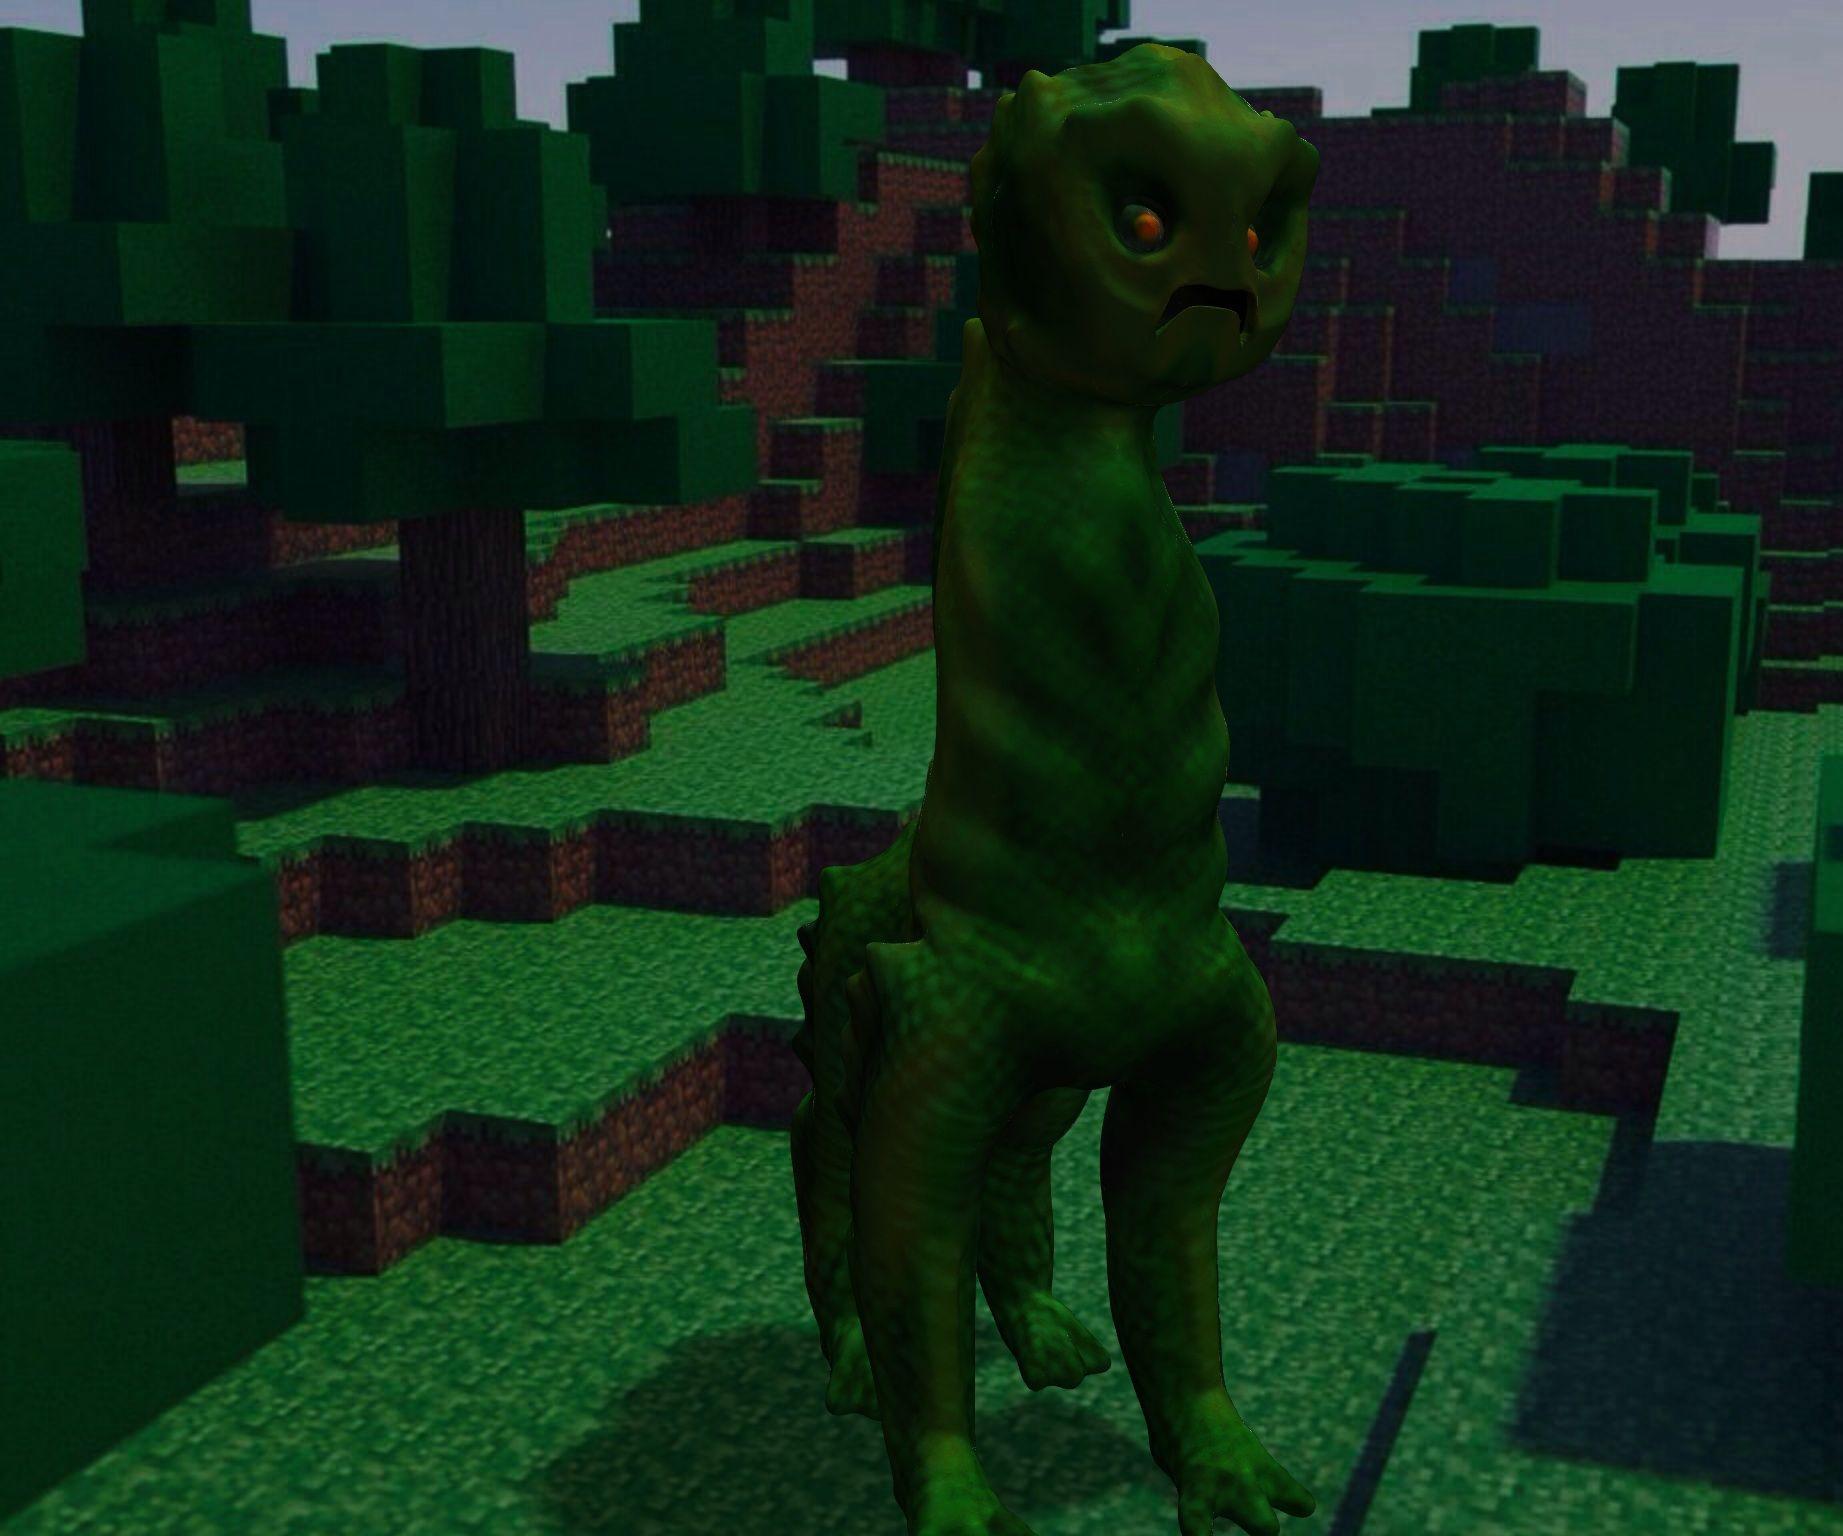 123d Creeper! A 123d creature design